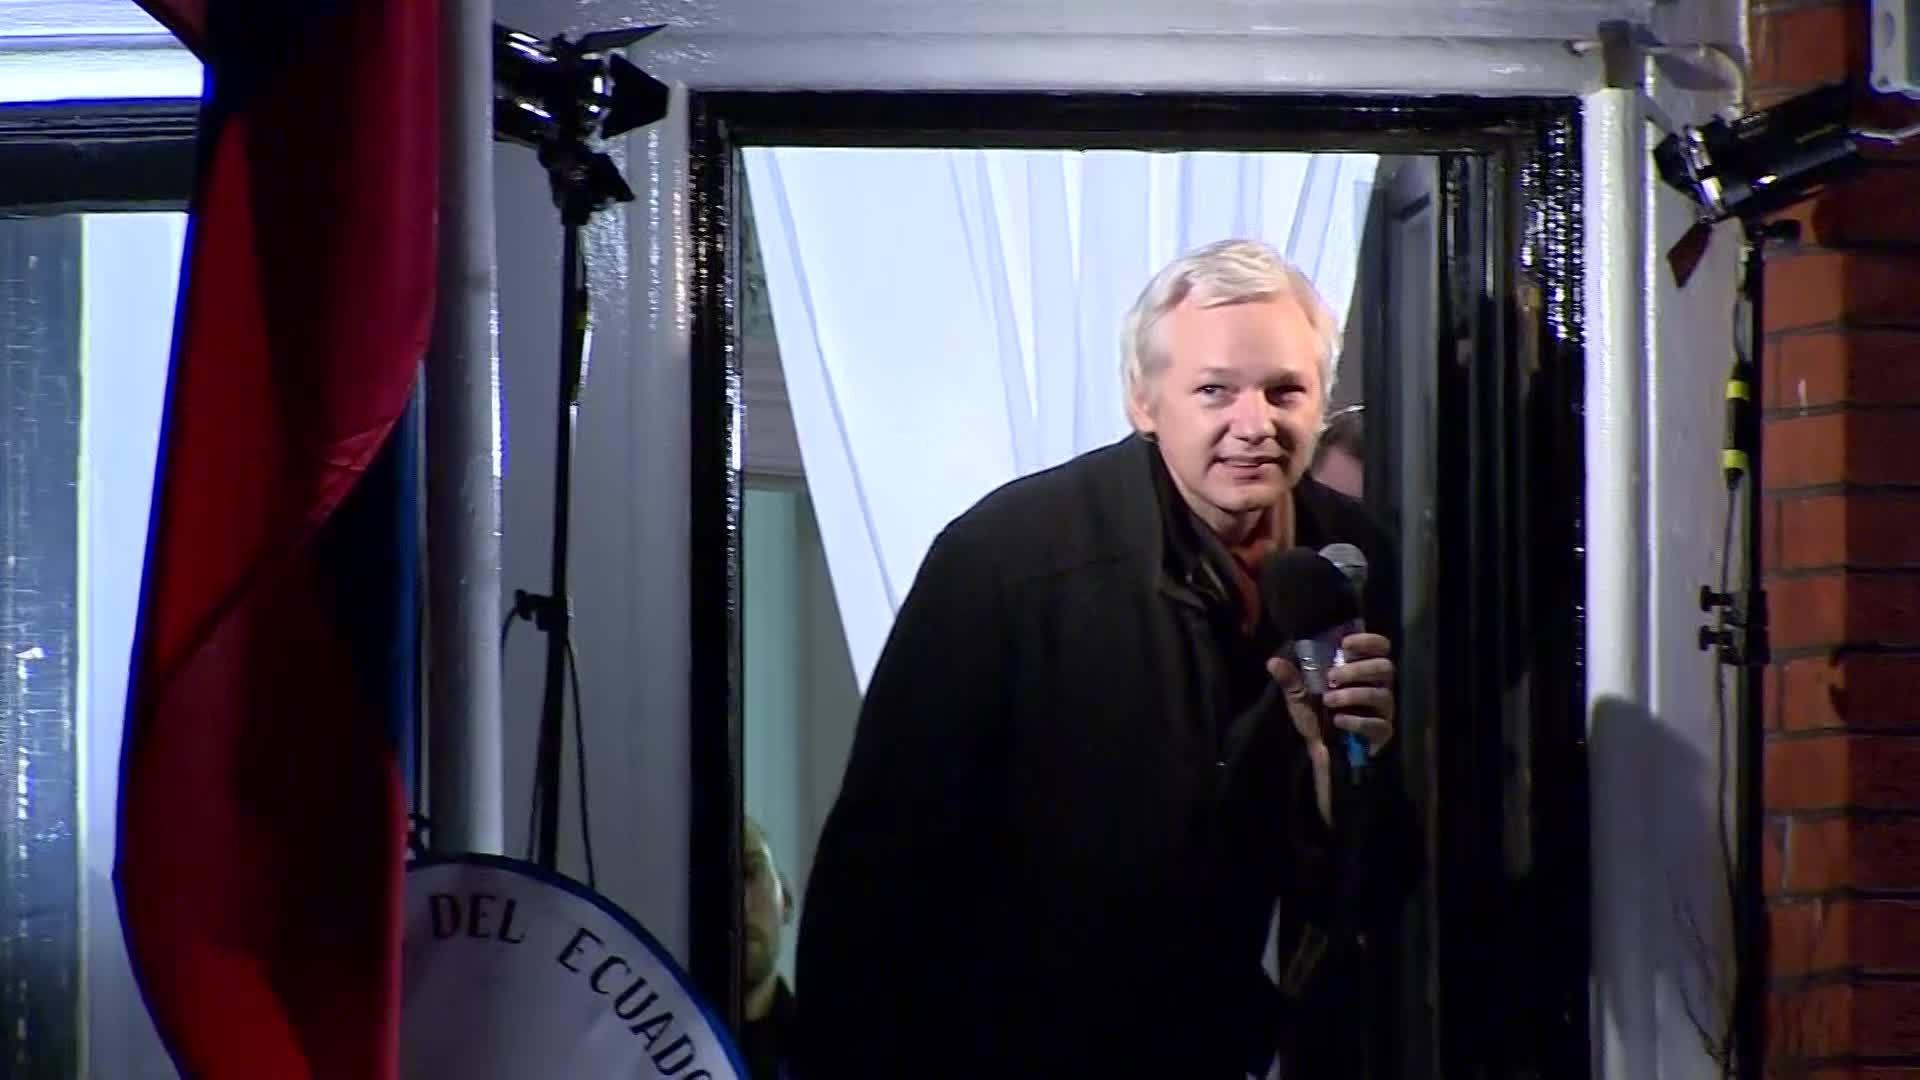 Wikileaks_founder_Julian_Assange_arreste_7_20190411104458